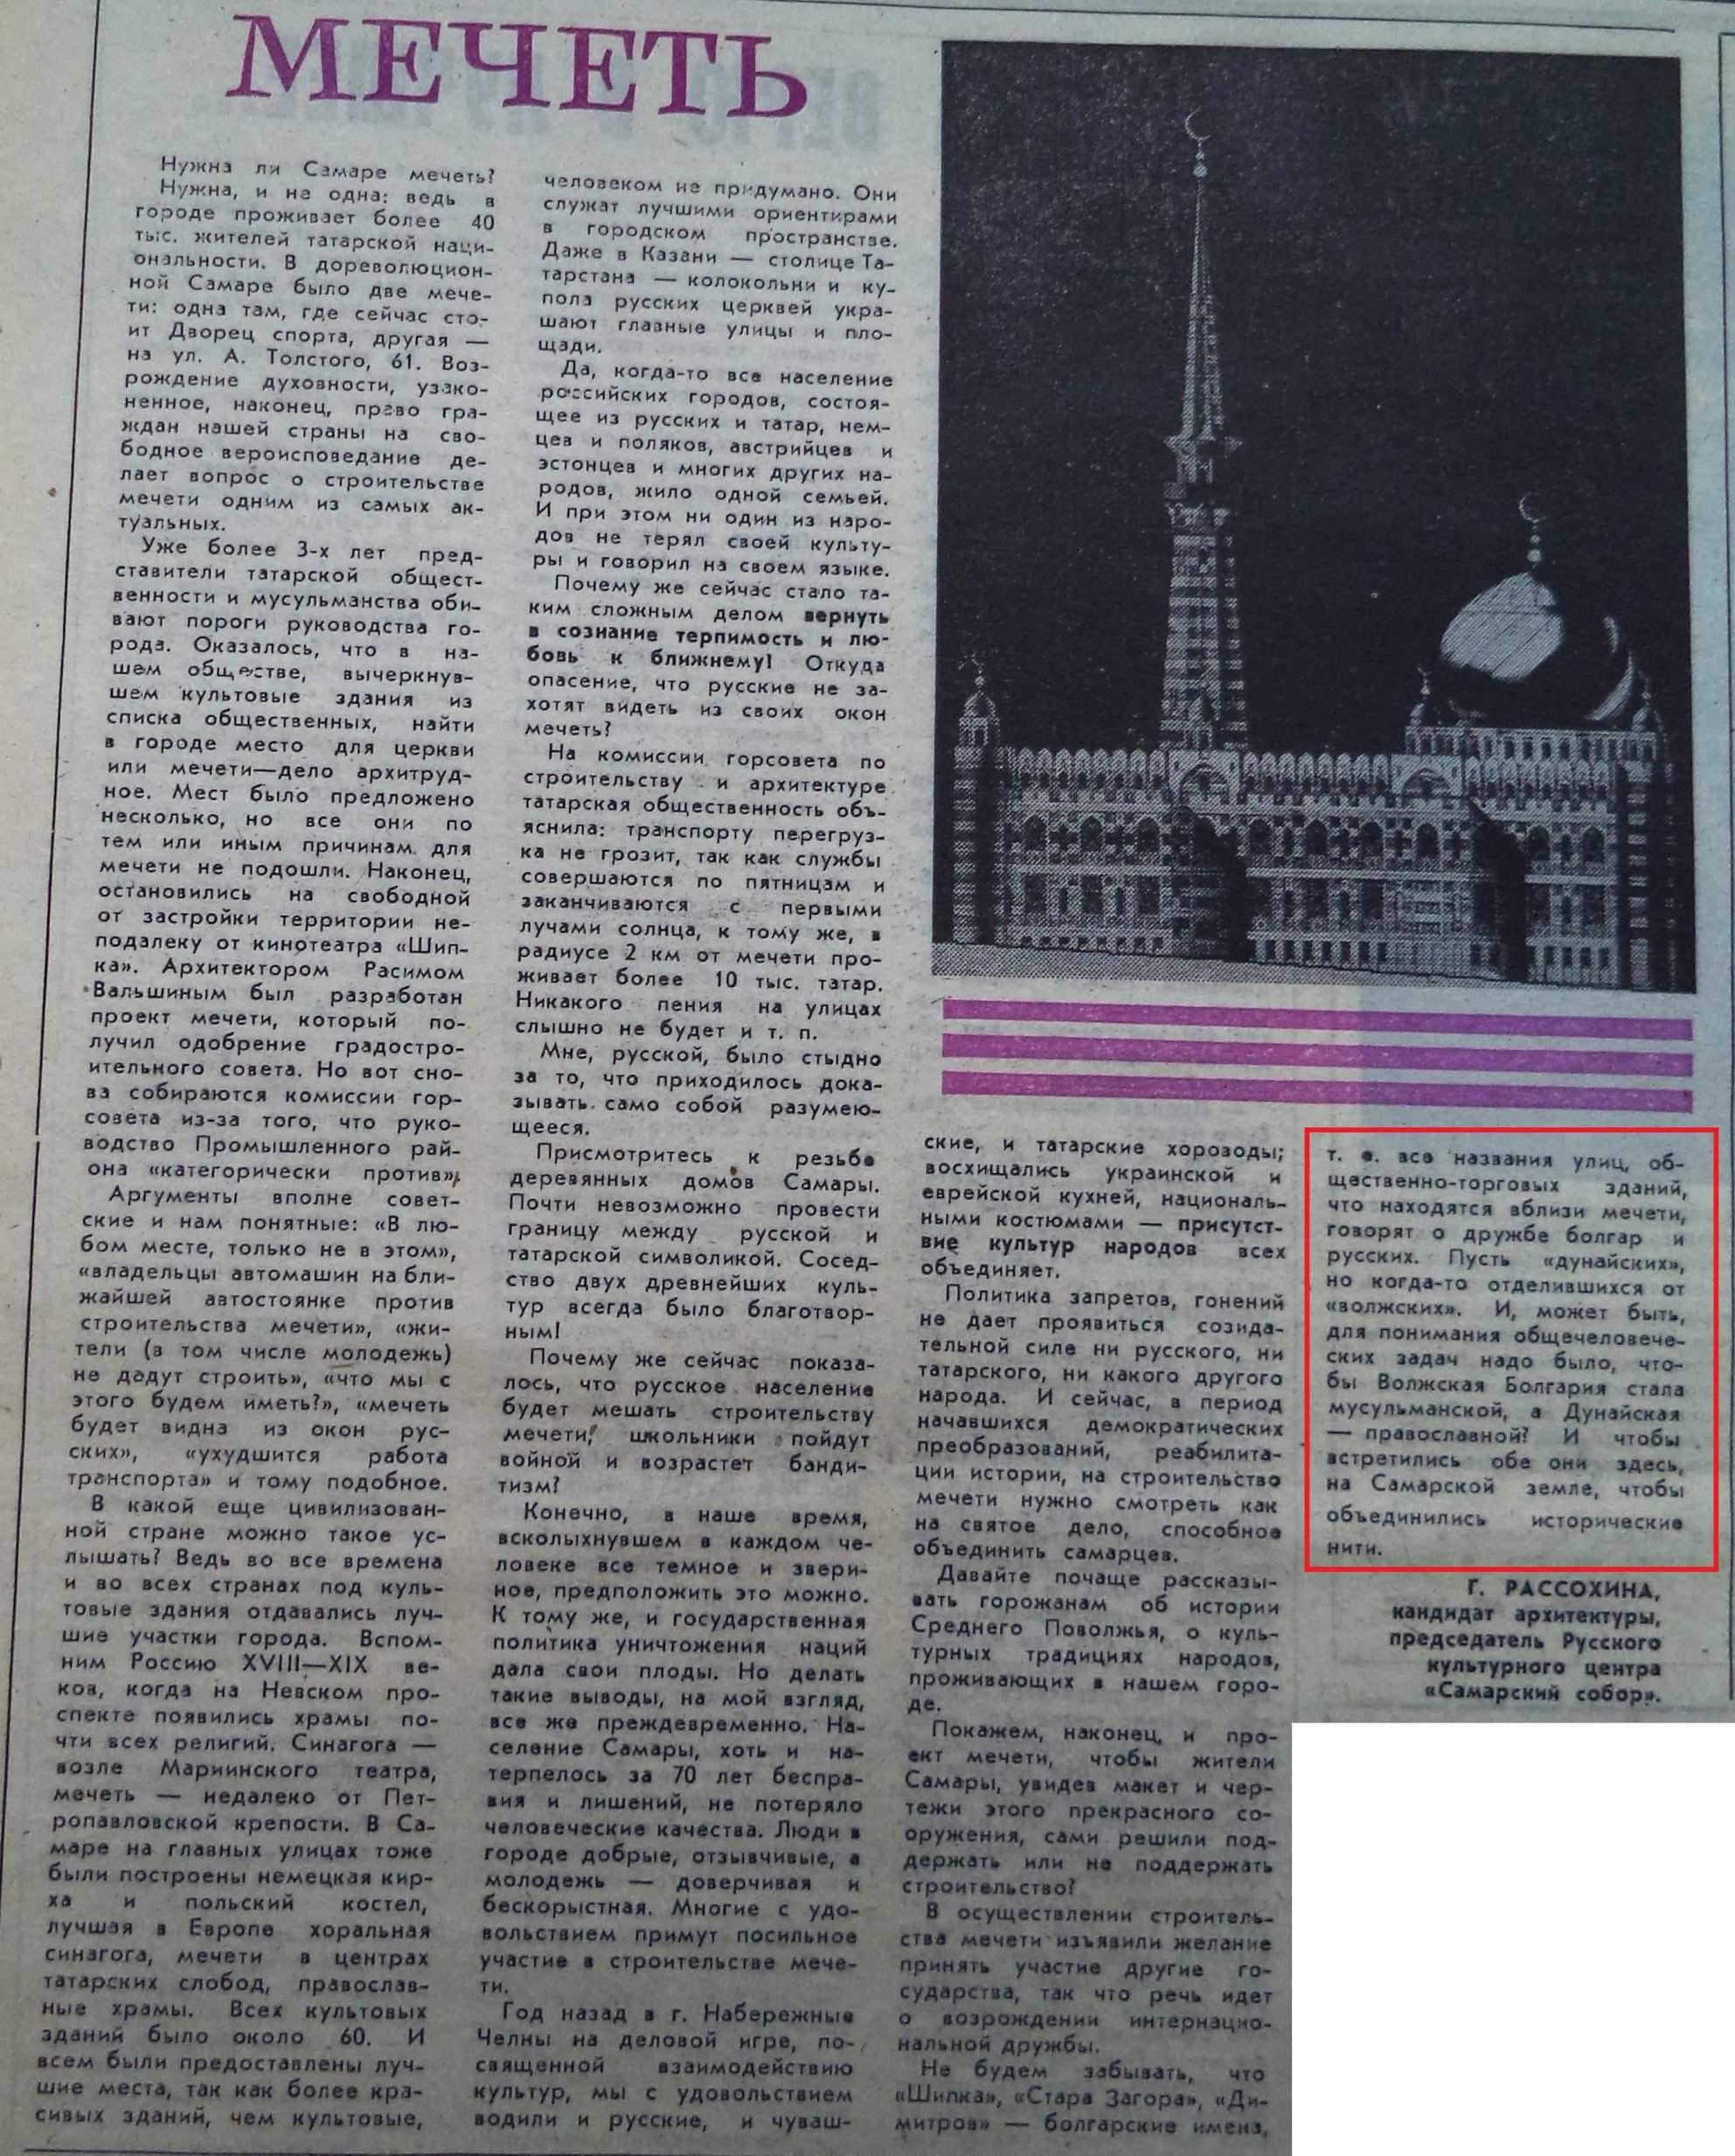 Стара Загора-ФОТО-087-ВКц-1991-04-13-про Мечеть-min-min